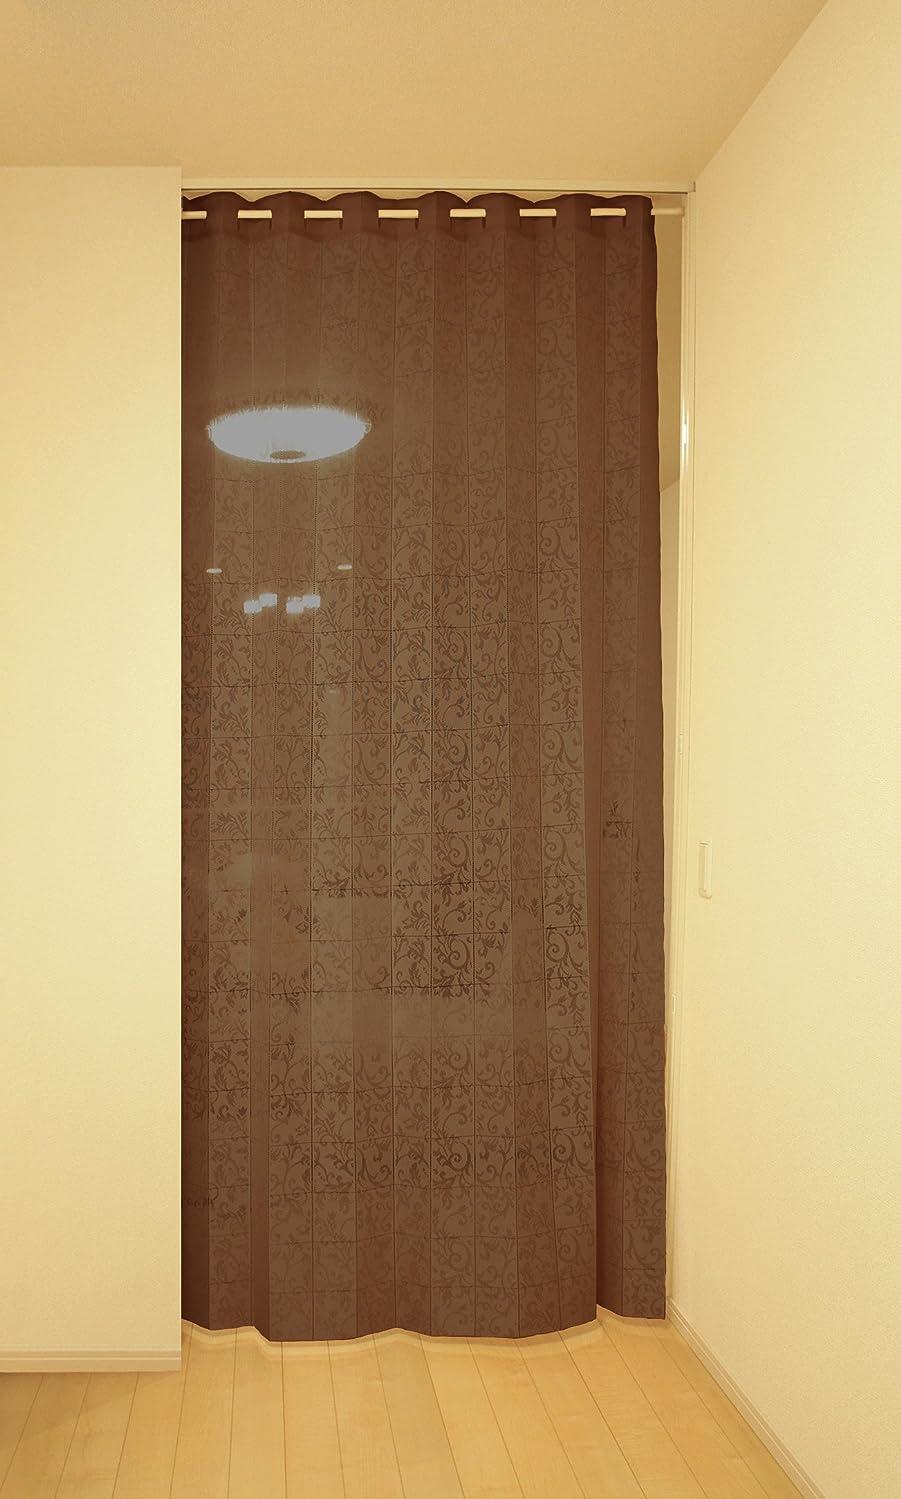 時計回りレディ軍隊アコーディオン カーテン 間仕切り のれん 目隠し 遮熱 冷気遮断 アラベスク 150×250cm丈(ブラウン)